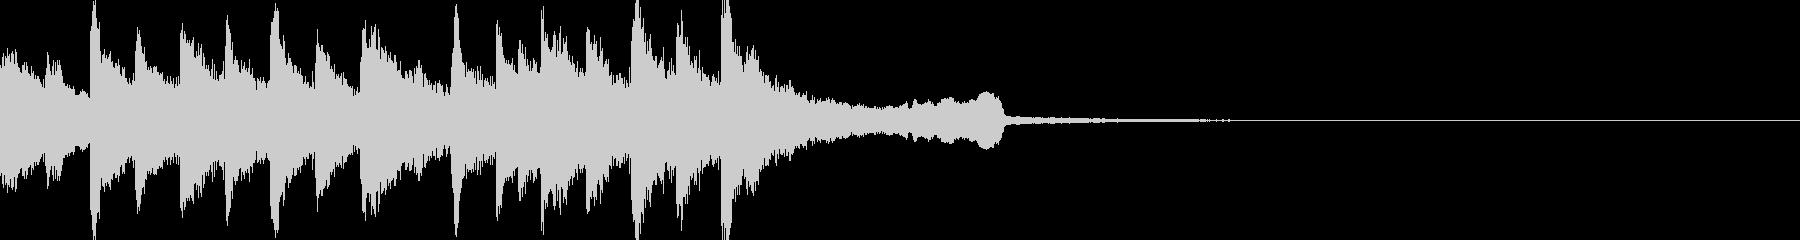 優雅で豪華絢爛なジングル/BGMの未再生の波形